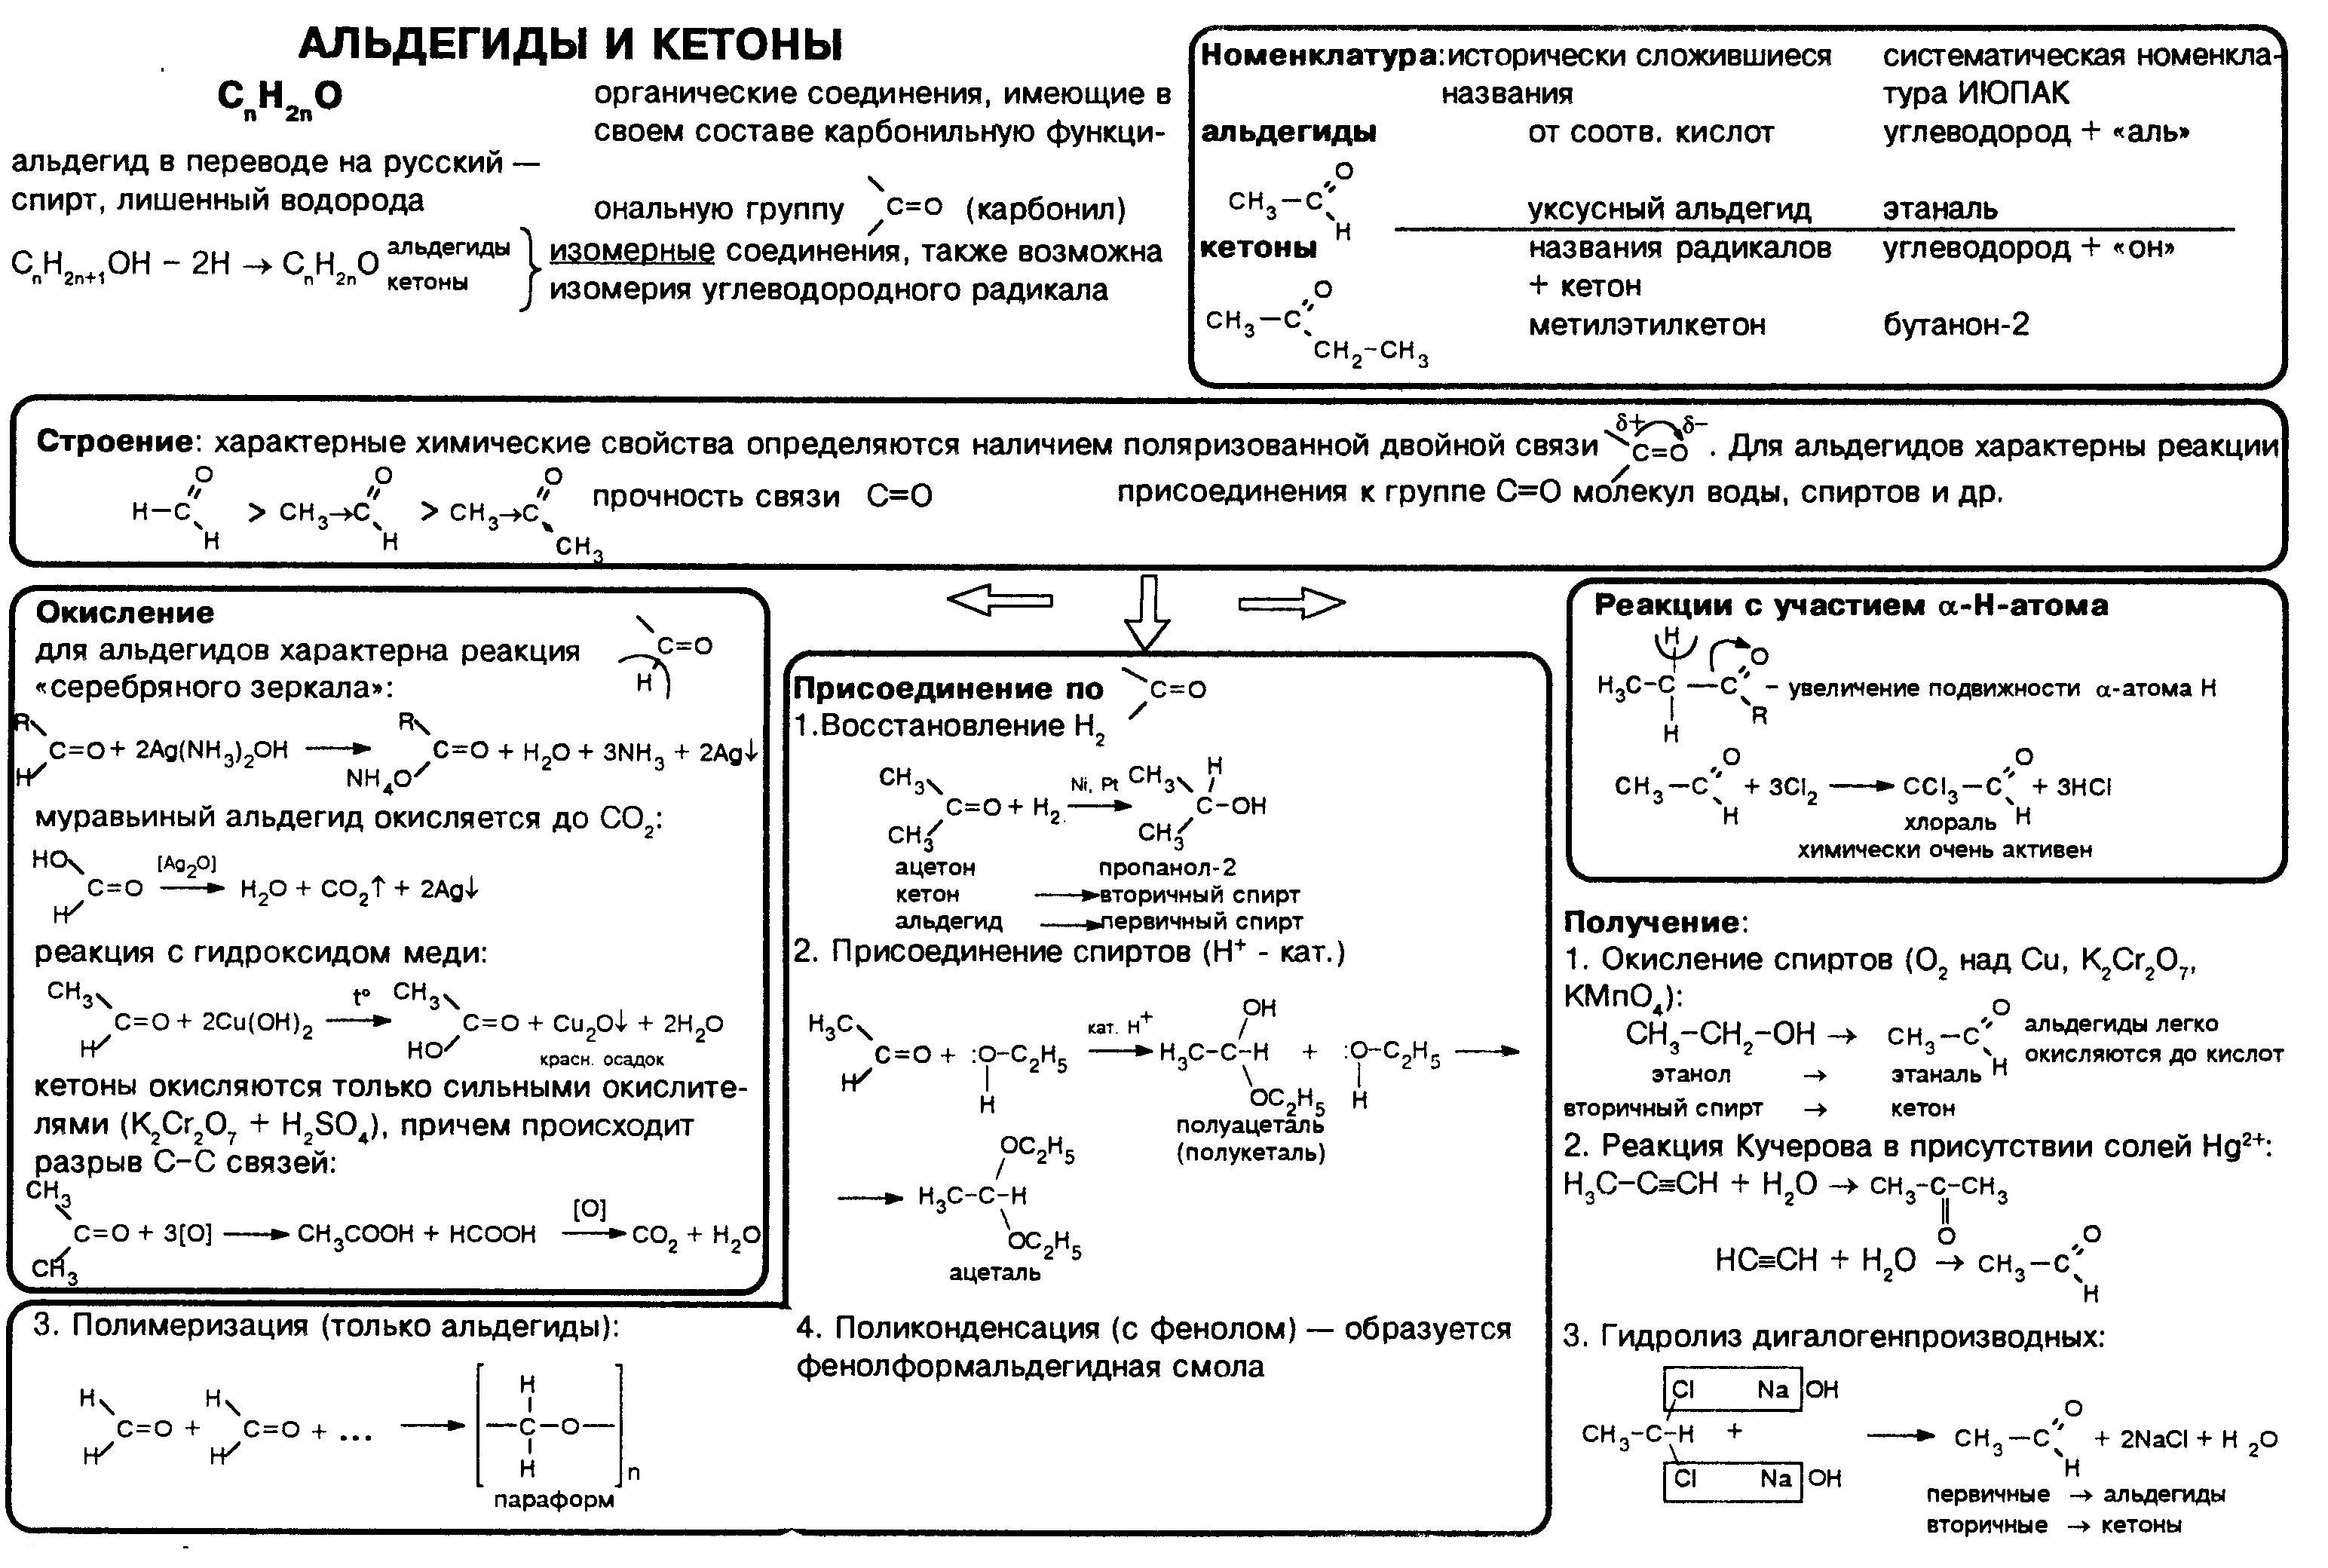 aldegidy-i-ketony-nomenklatura-poluchenie-svojstva